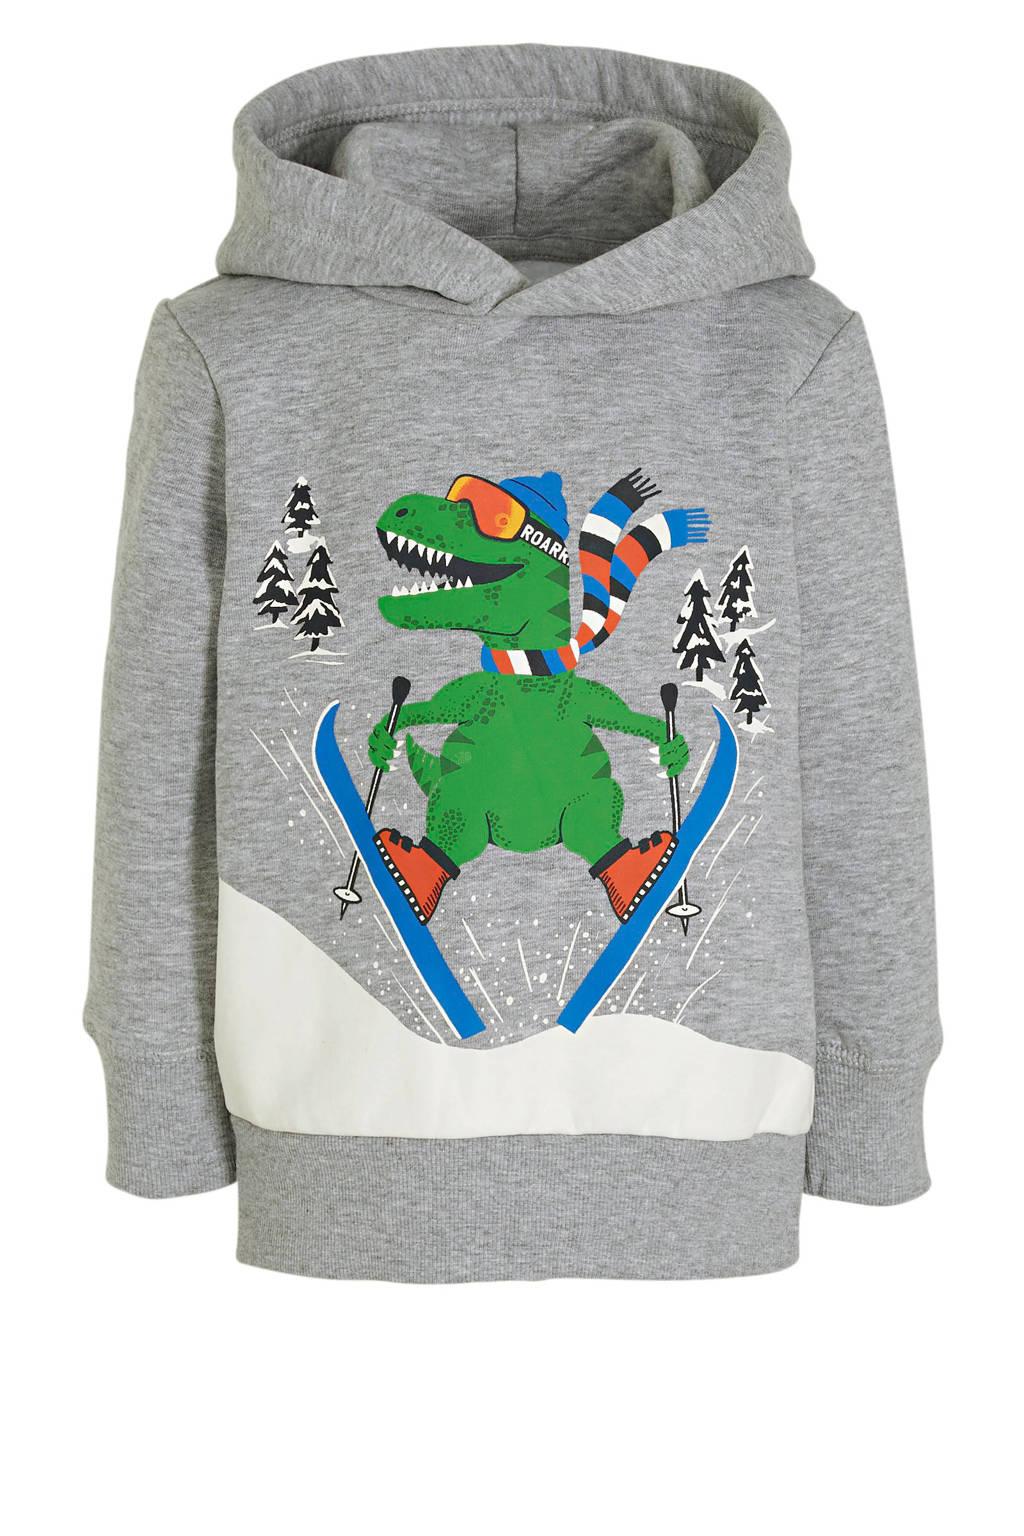 C&A hoodie met printopdruk grijs/groen/blauw/wit, Grijs/groen/blauw/wit